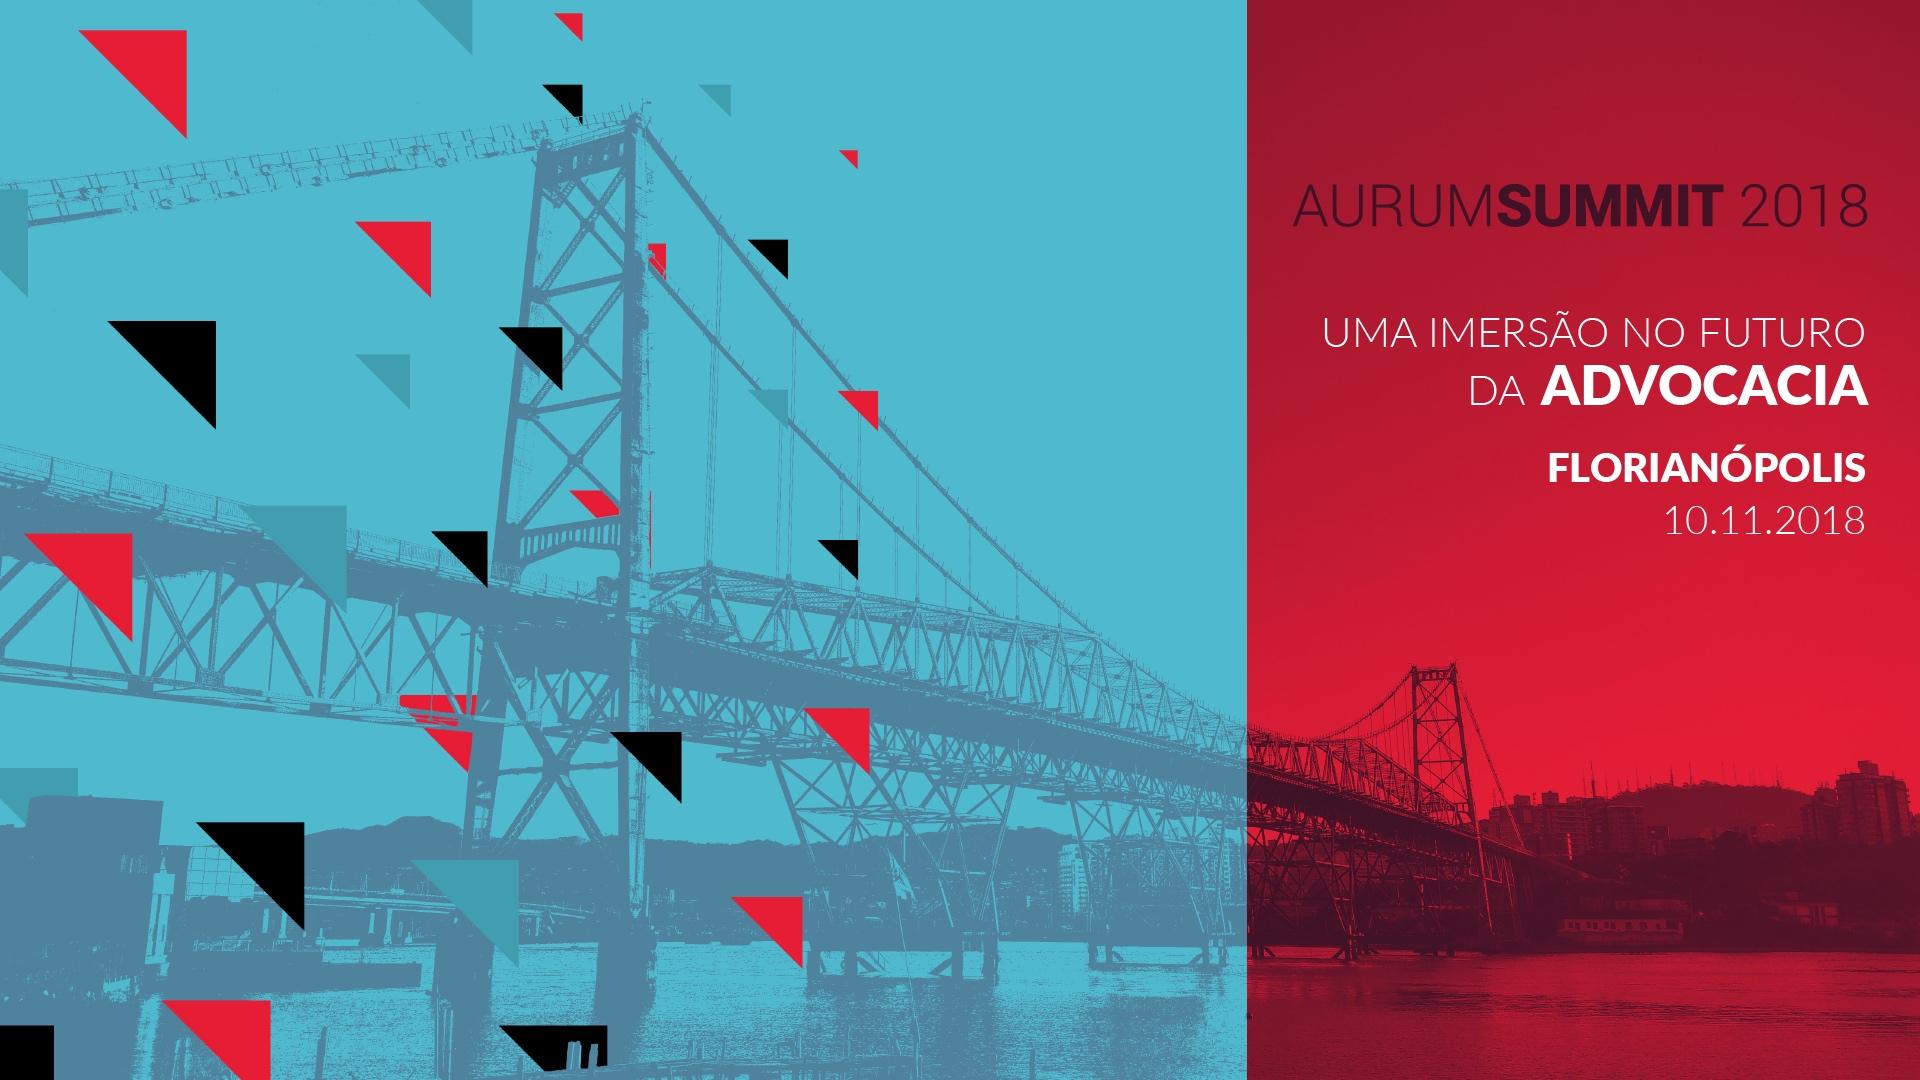 Aurum Summit - Direito e advocacia